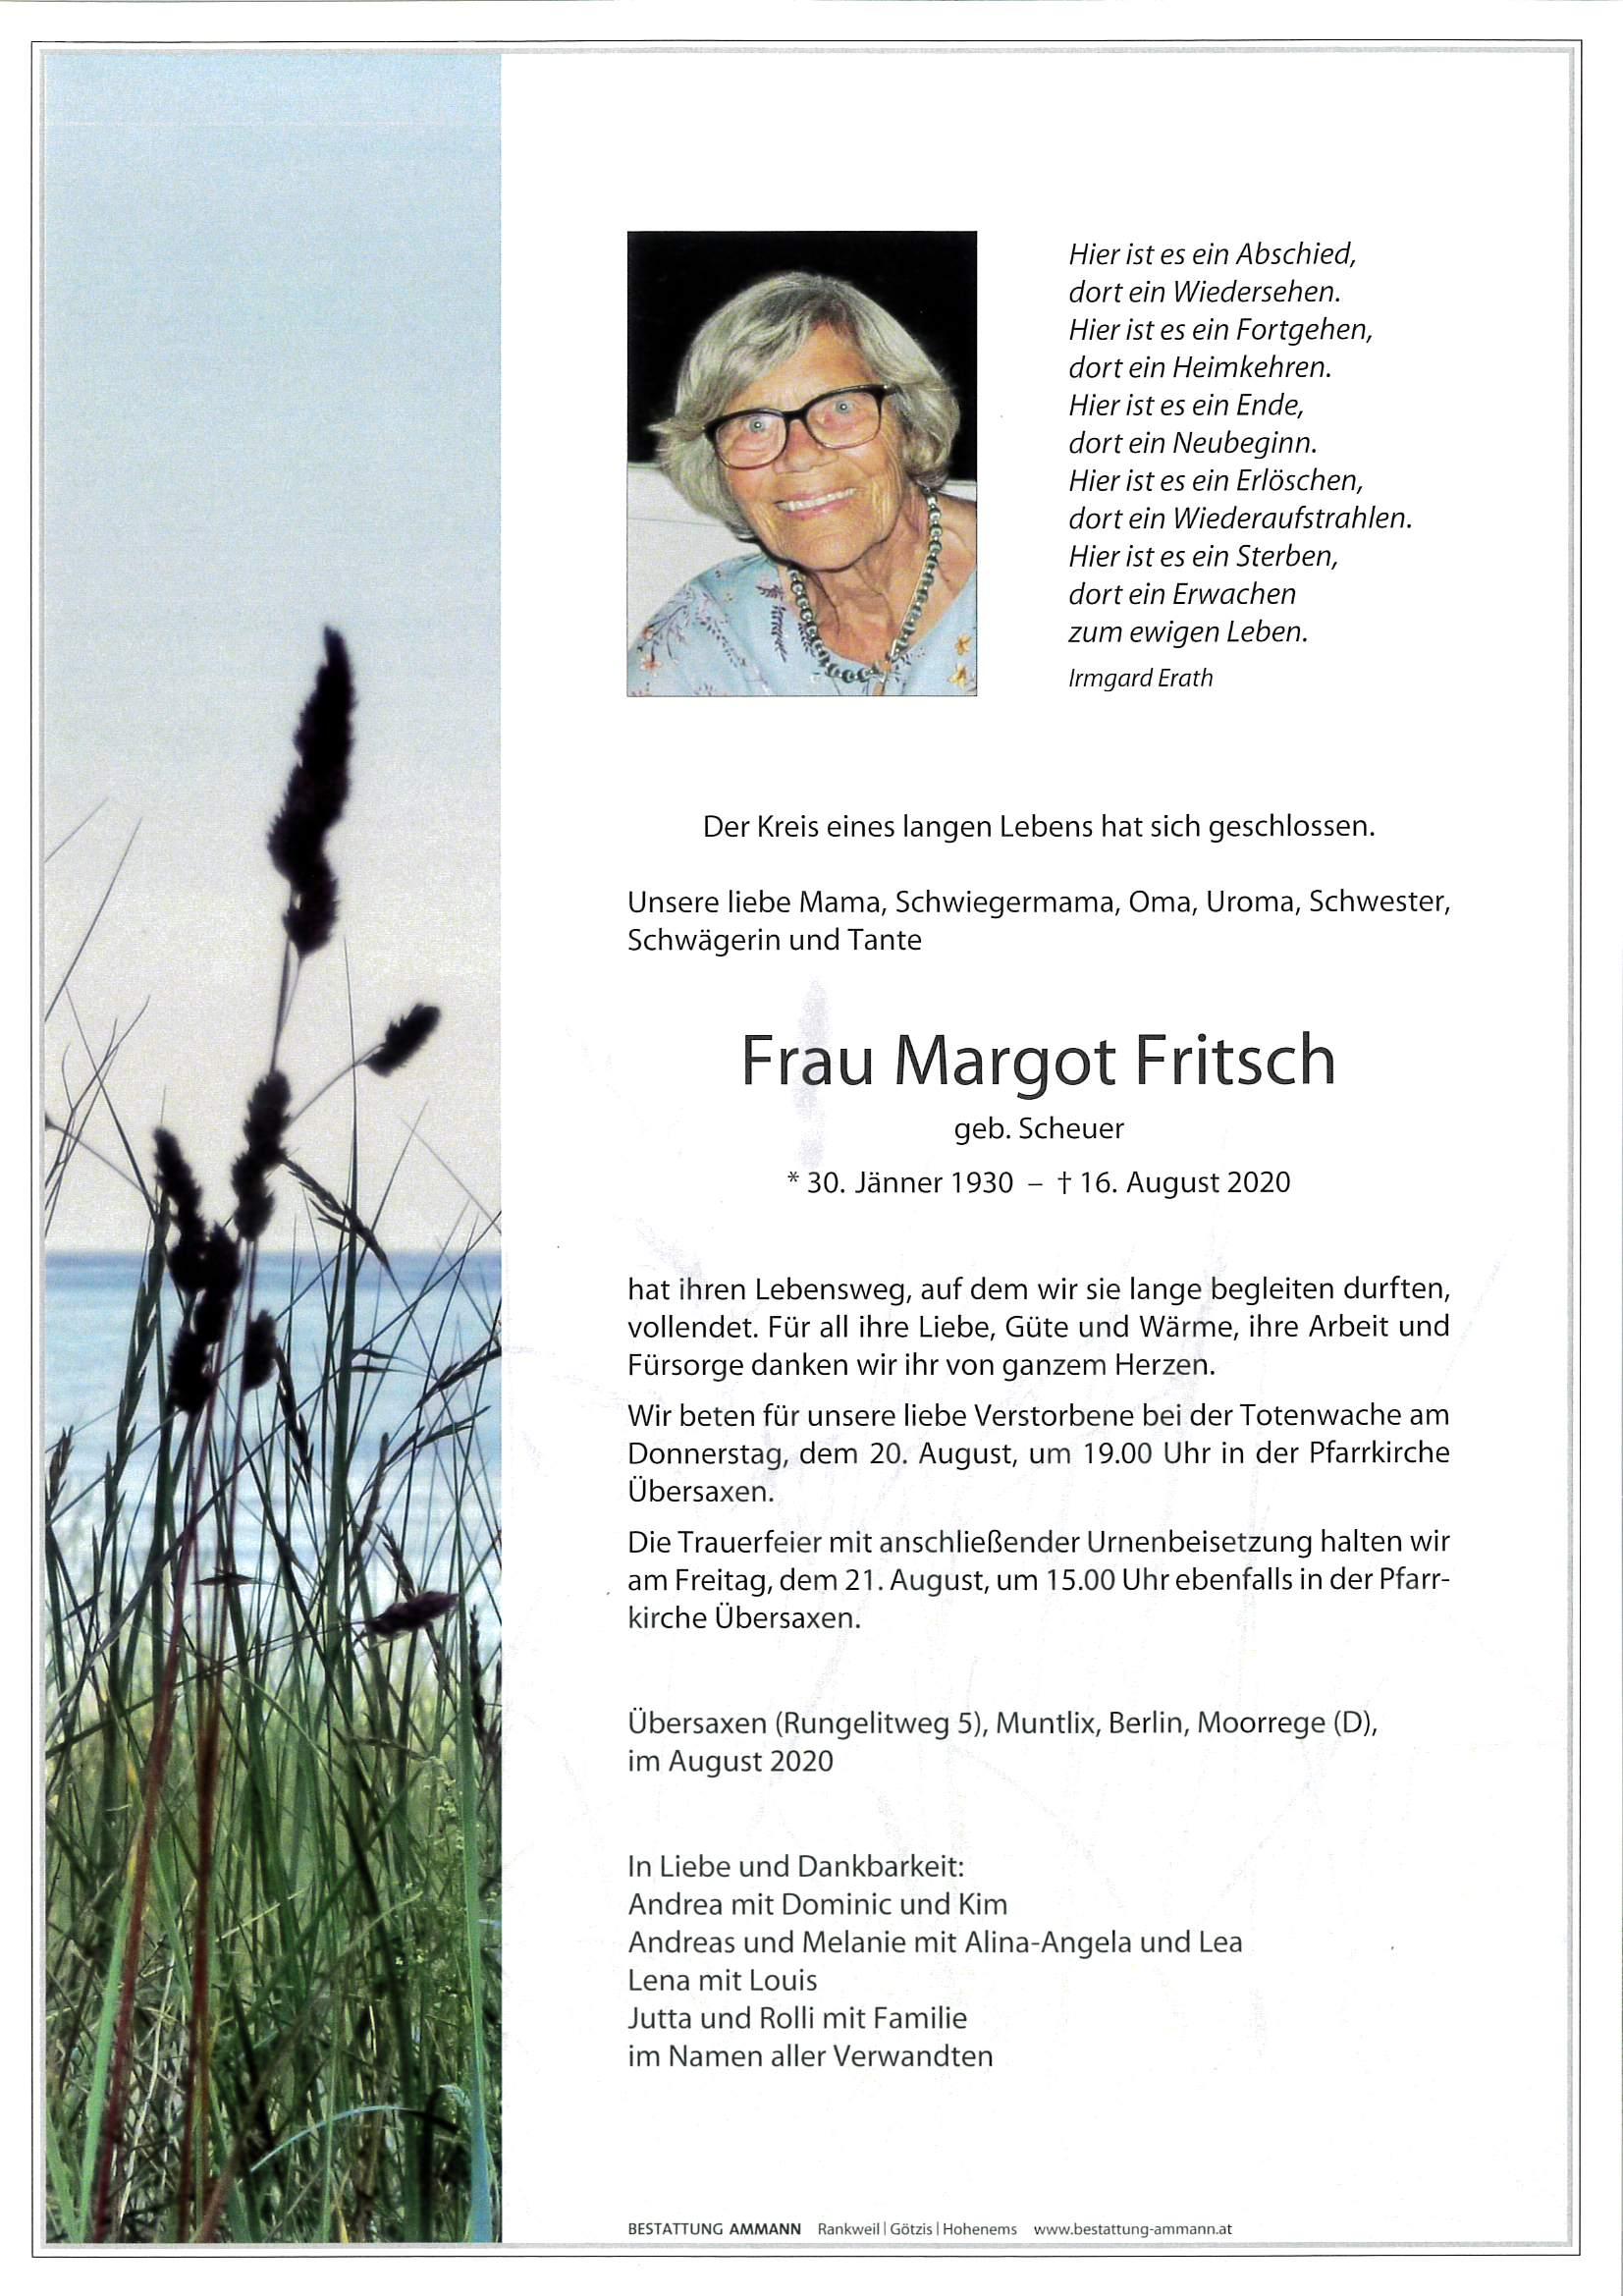 Todesanzeige_Fritsch Margot.jpg